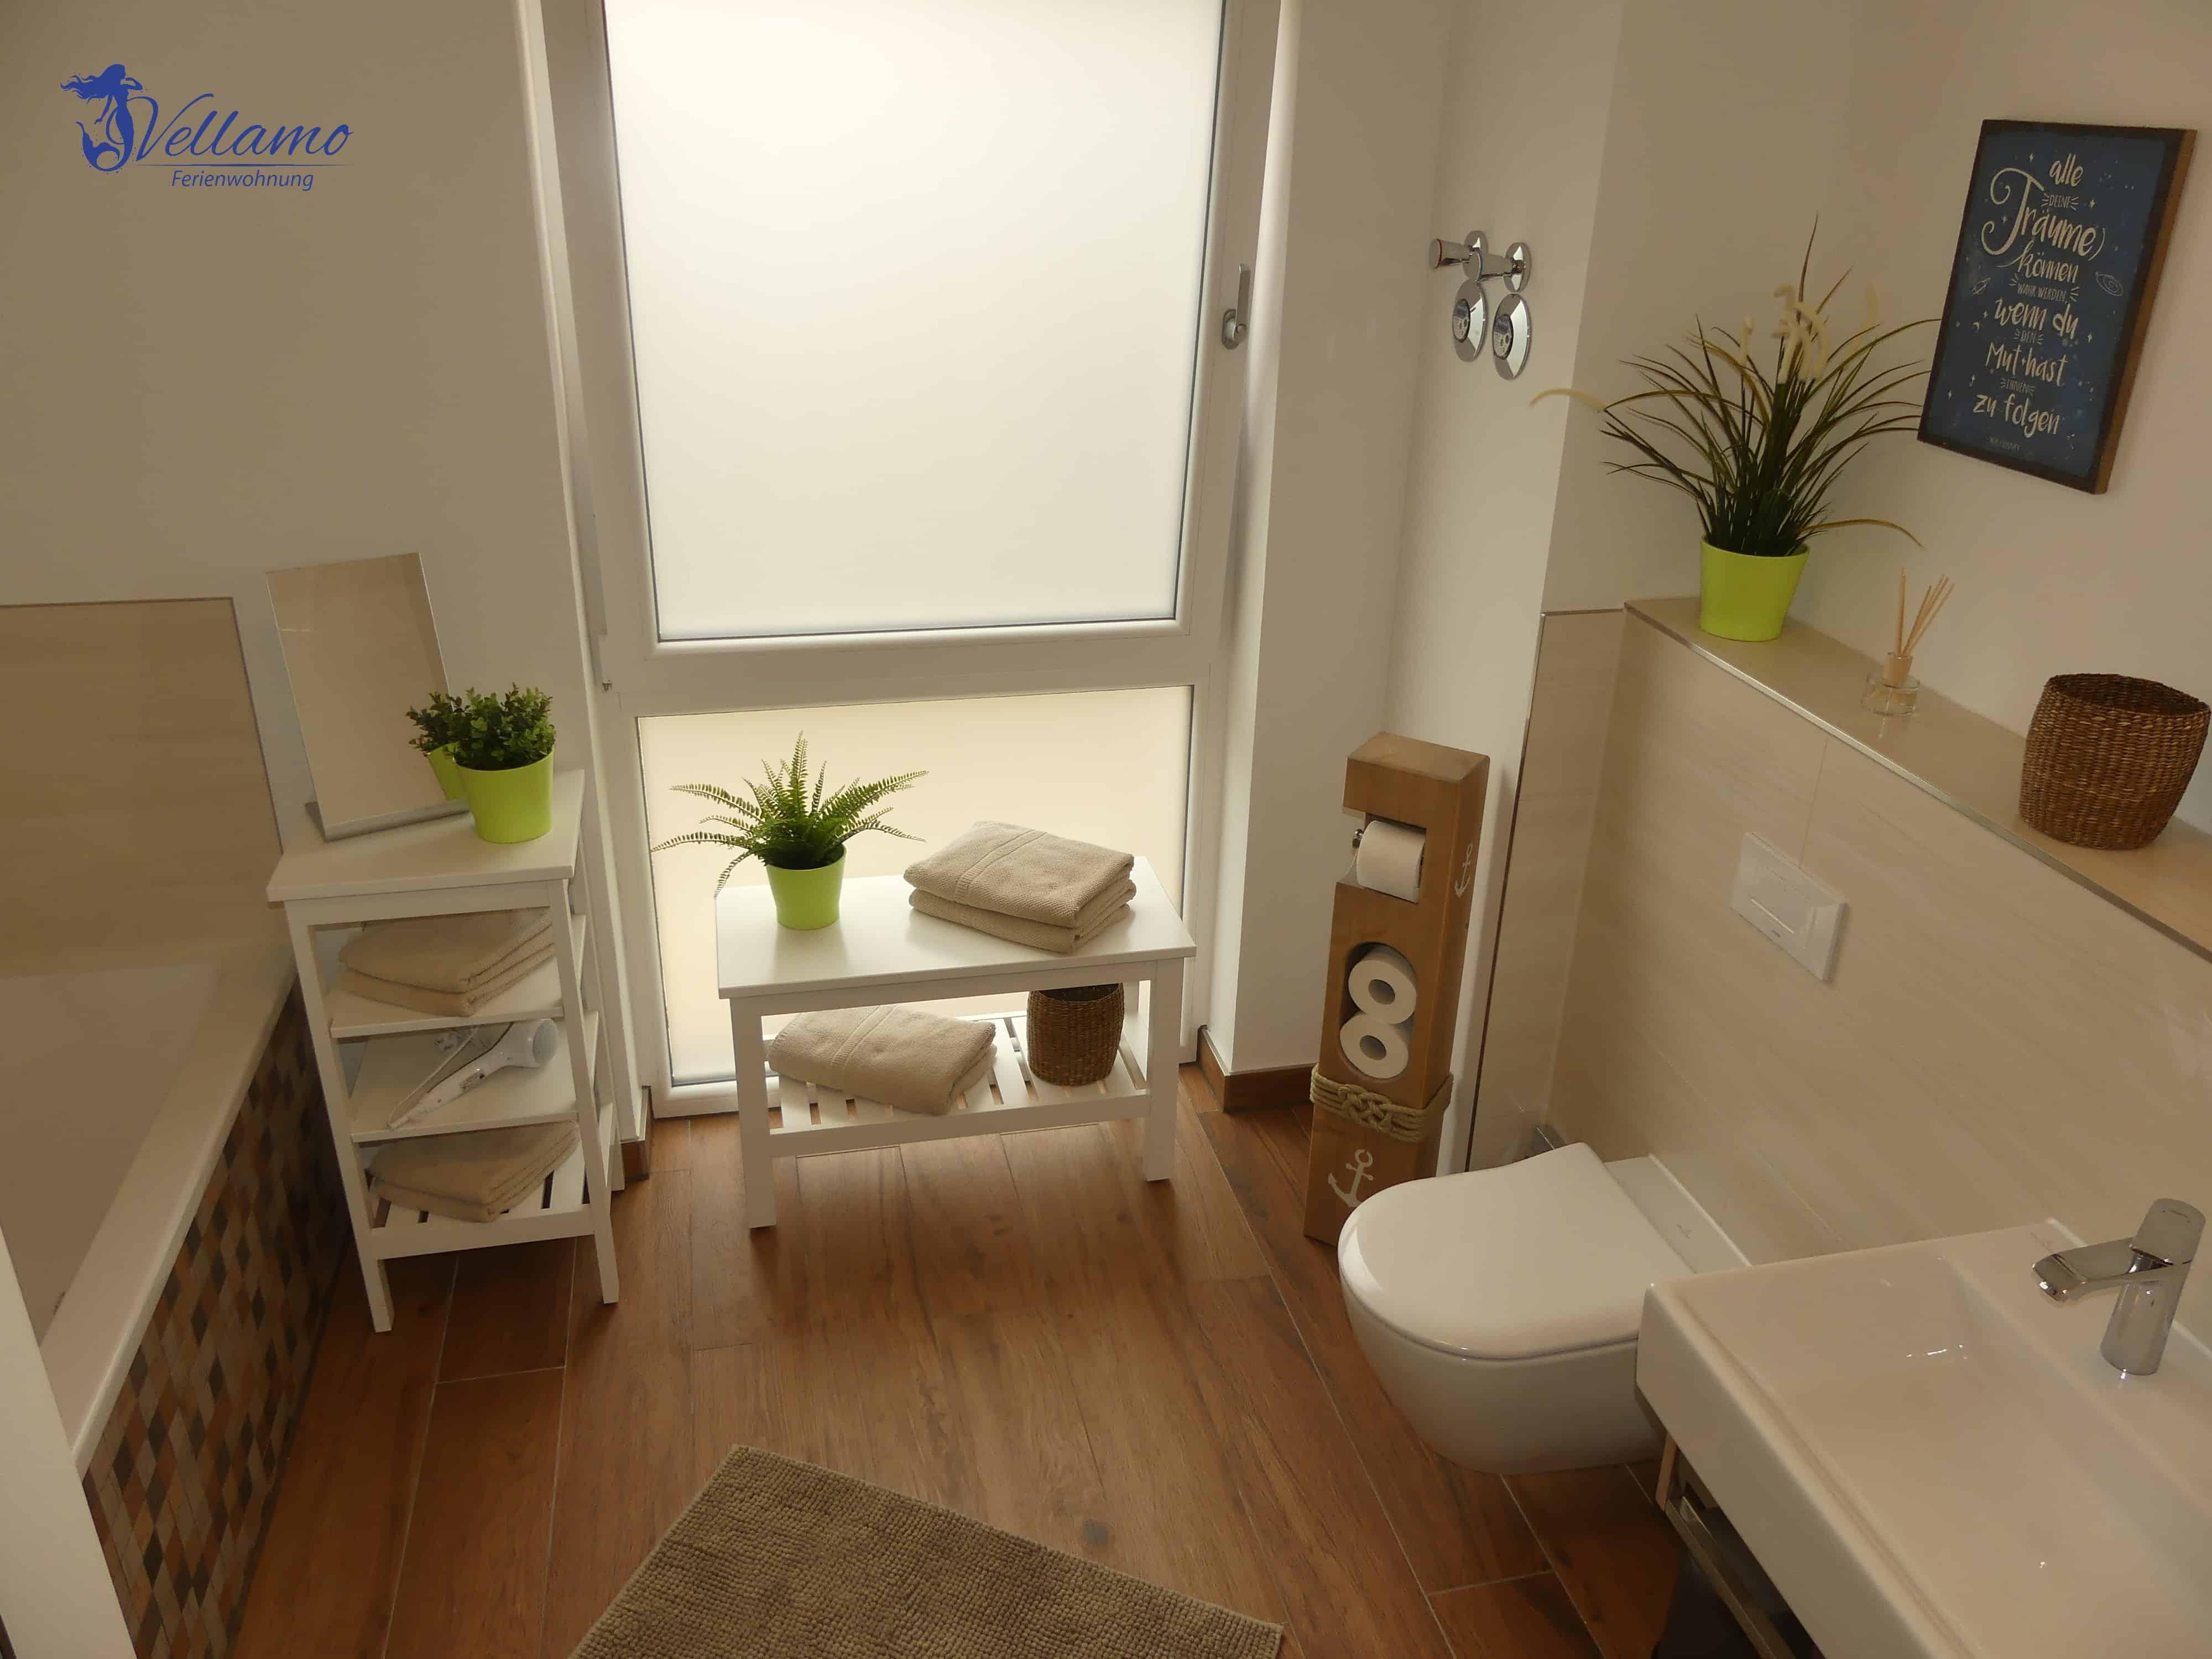 Ferienwohnung Vellamo - Wellnesszentrum